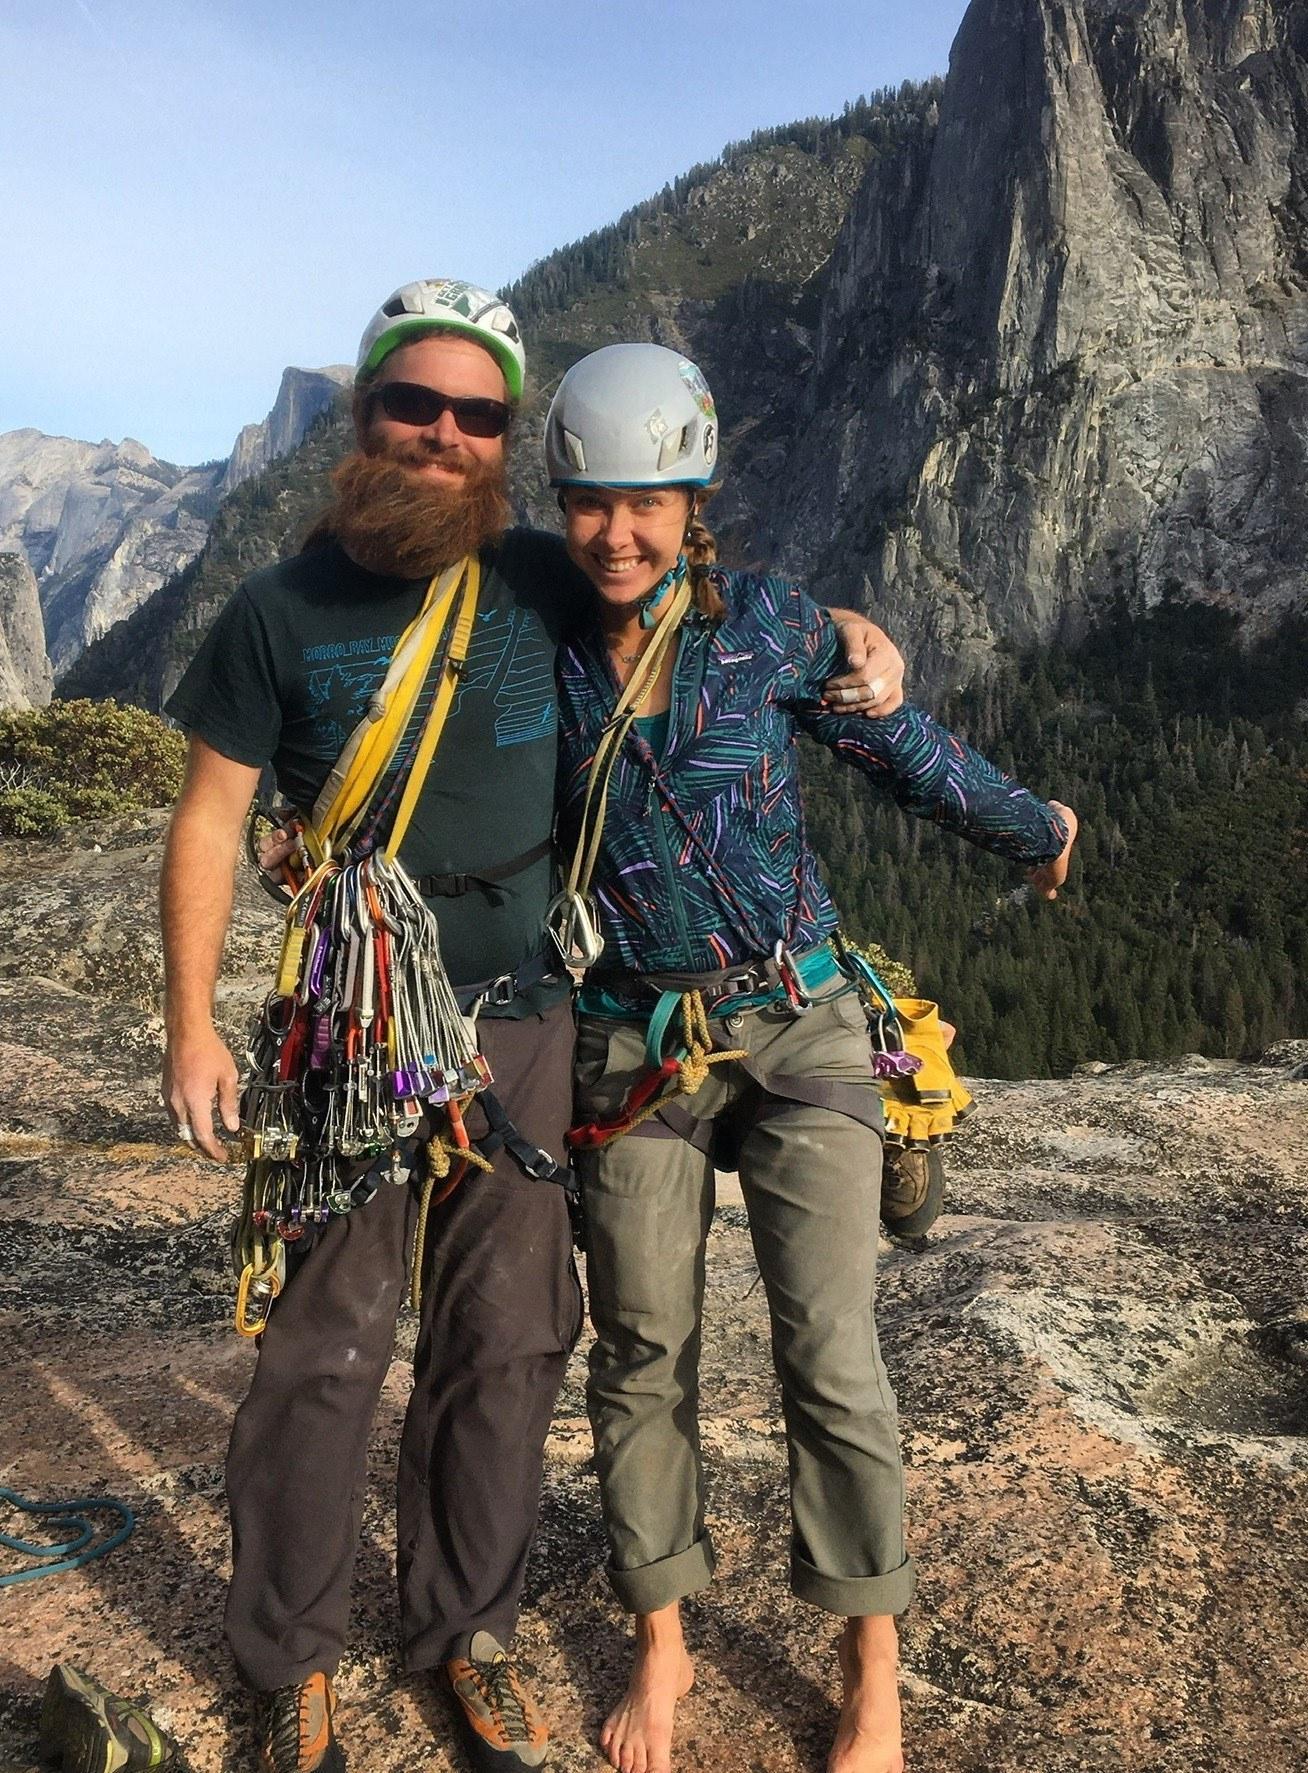 Loryn Posladek & Kyle Leihsing